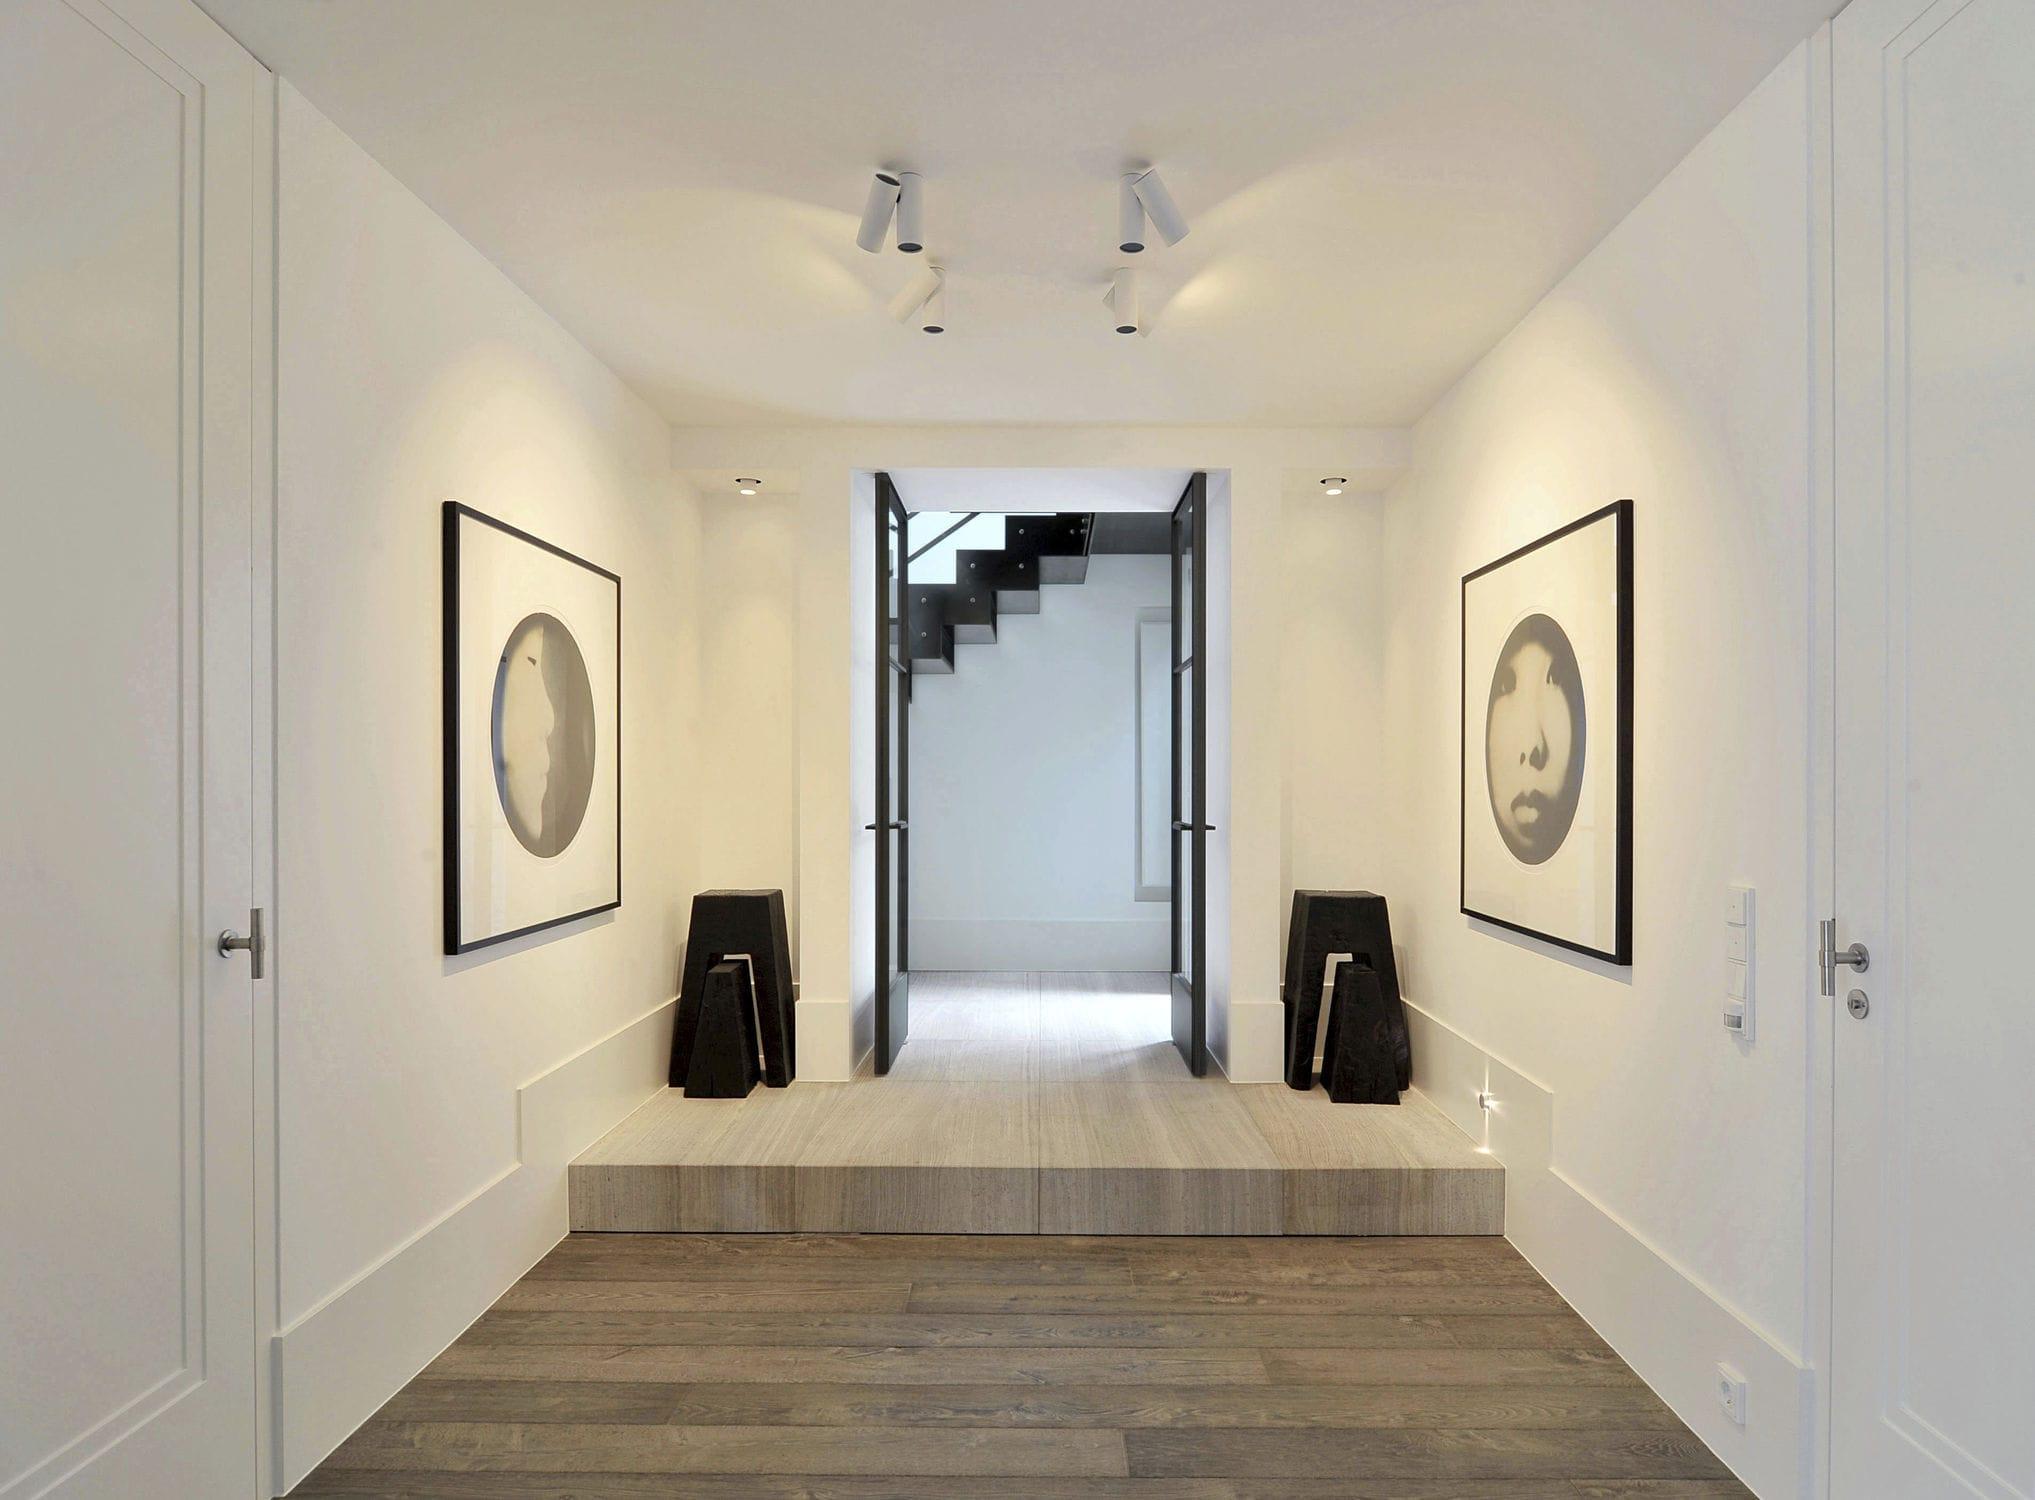 arredare casa idee originali e consigli per interni moderni ForArredare Casa Idee Originali